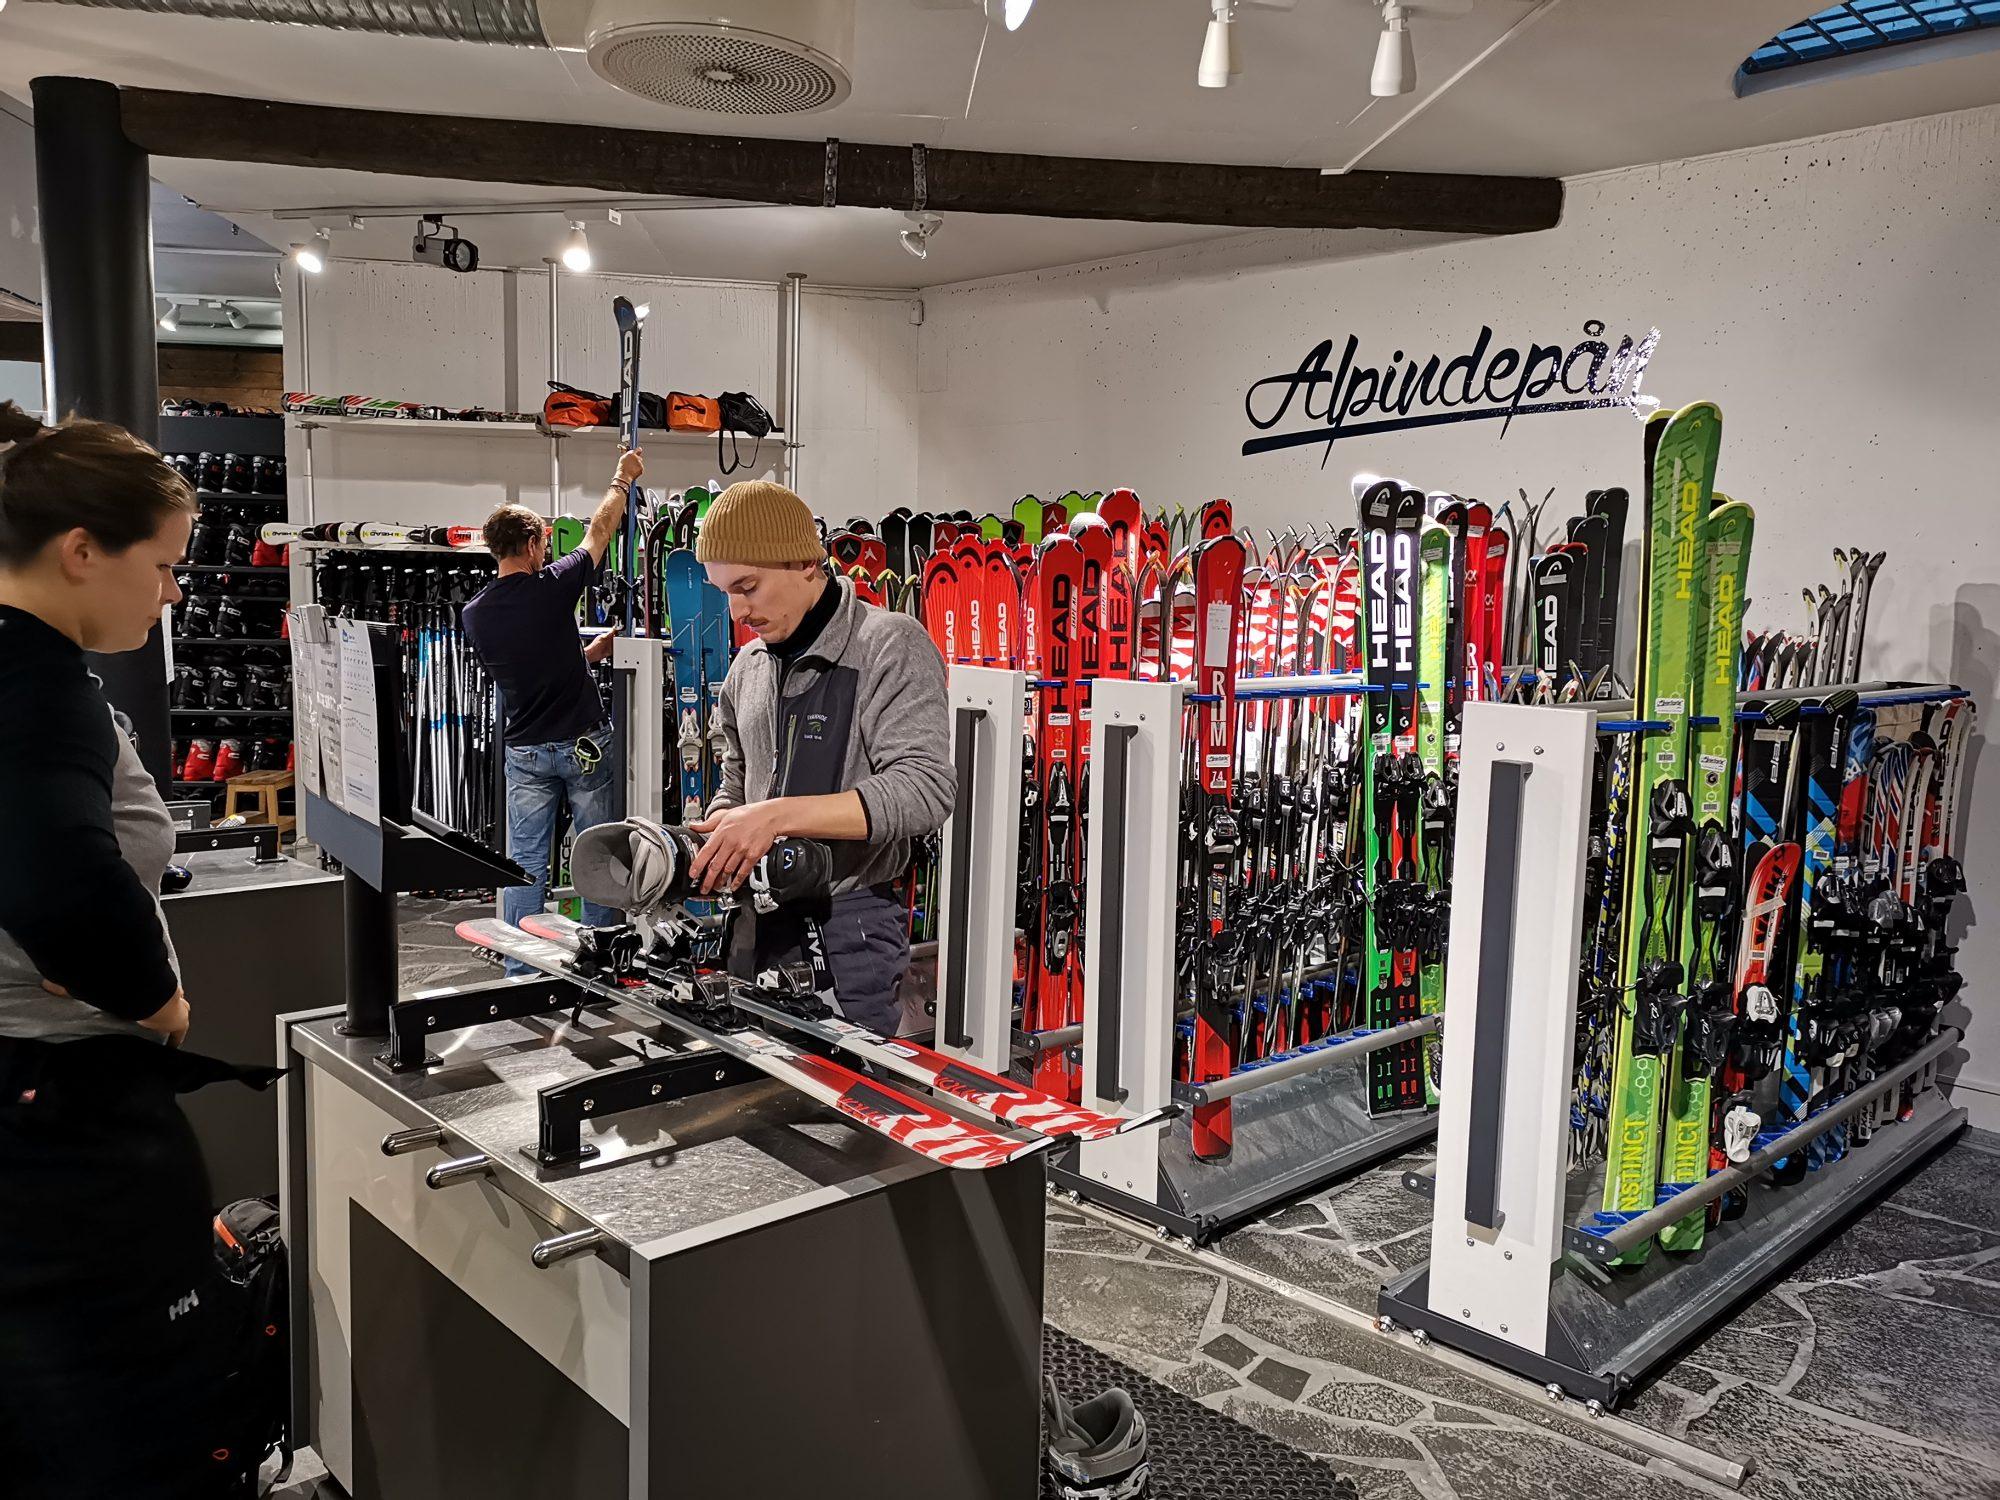 Hyra skidor i Åre med rabatt